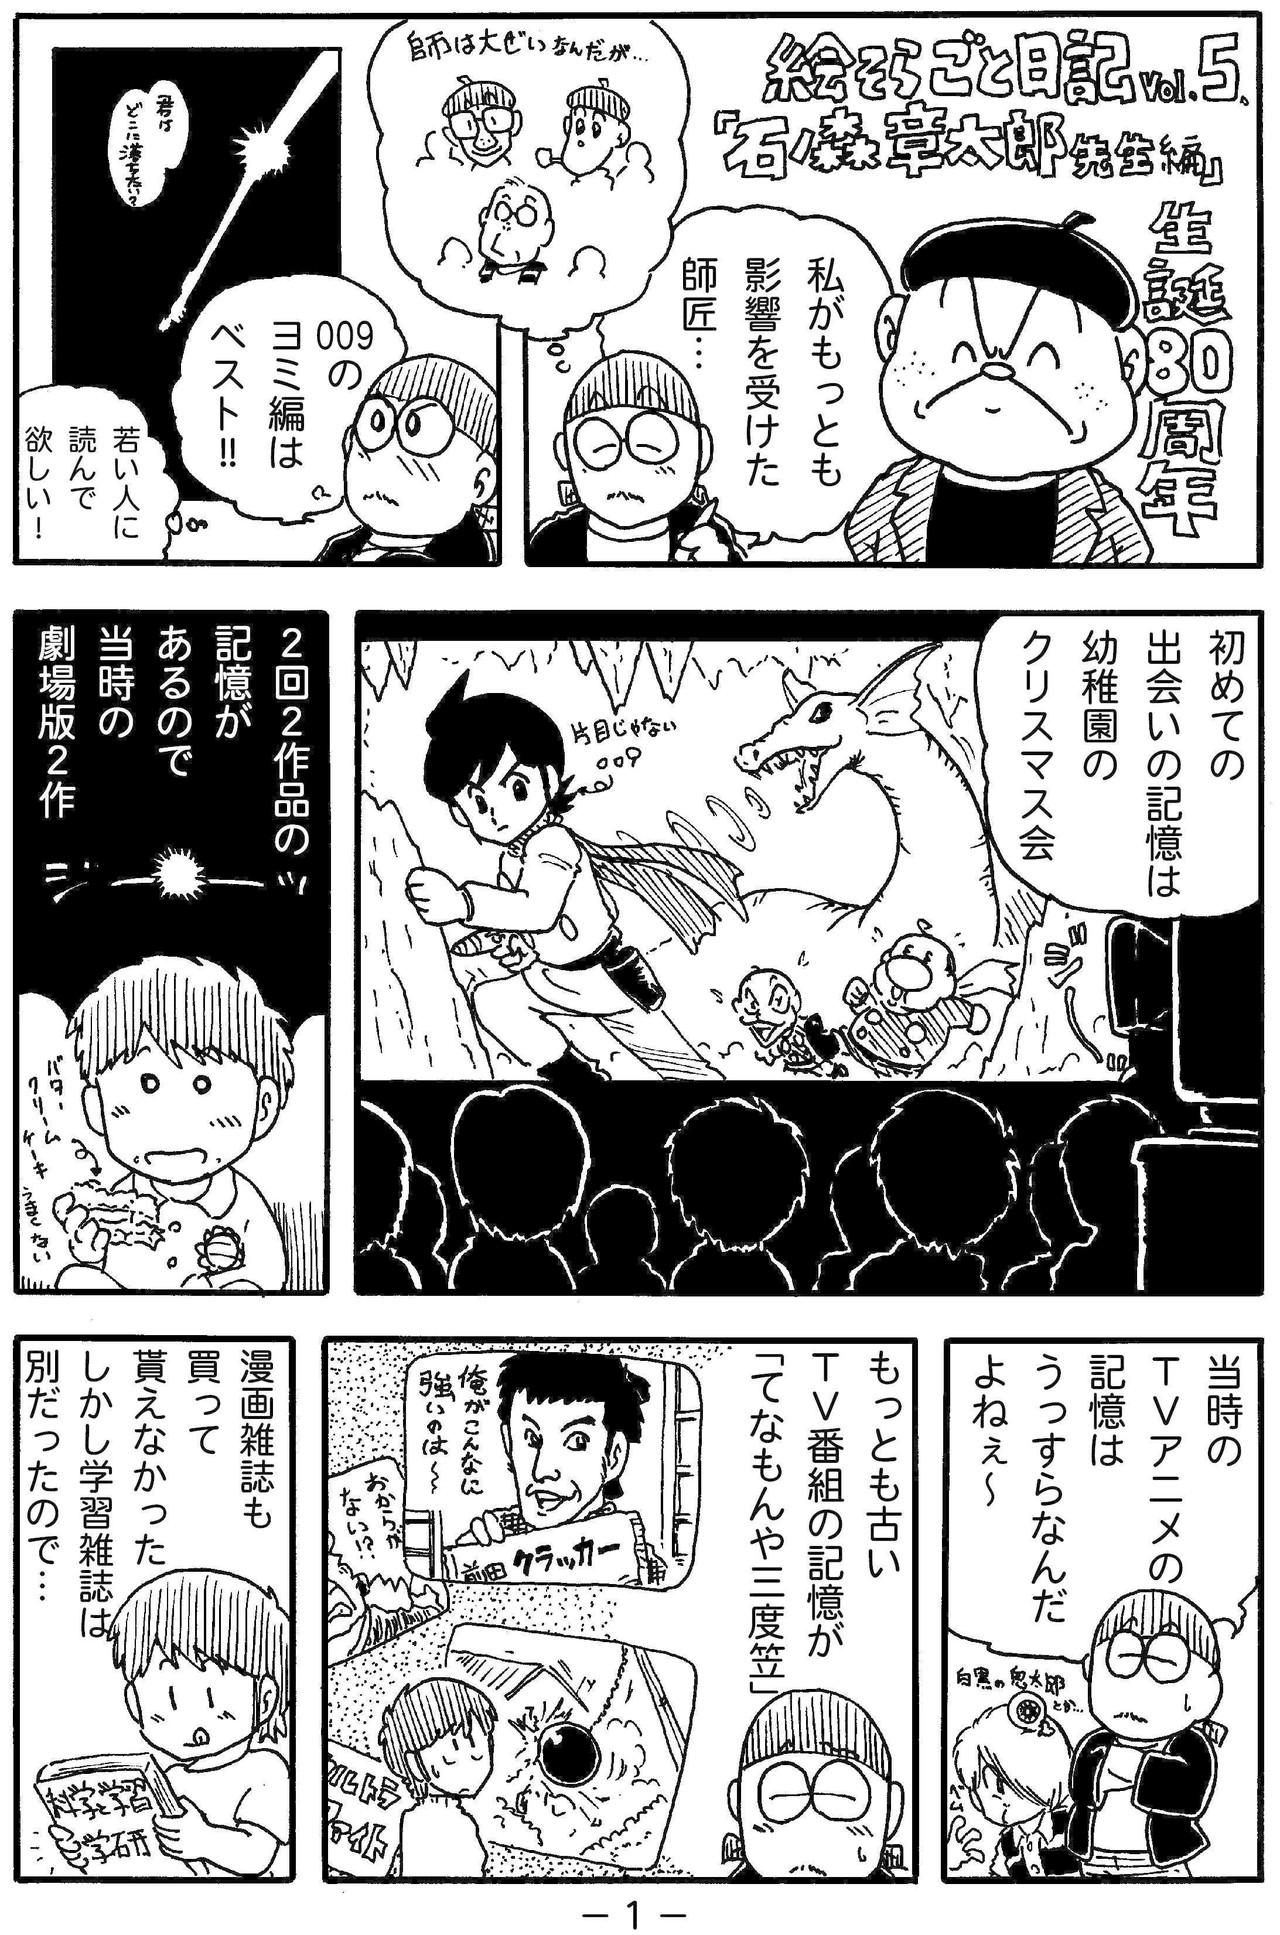 我が敬愛する「萬画」の師「石ノ森章太郎」先生の生誕80周年。初めての出会いから、先生から学んだことを受け継いでいくことを。このマンガは、資料を見ずに記憶だけで描いているので、石ノ森キャラクターに間違いがあるかもしれませんが、私の心の中の石ノ森キャラです。古いテレビの記憶がアニメでないのは、大人の番組ばかりで、子供向きをあまり観せてもらえなかったから、マンガ雑誌も同様で、他は小学館の学習雑誌だけでした。だから、もう一人の大きな師は「藤子不二雄」先生。